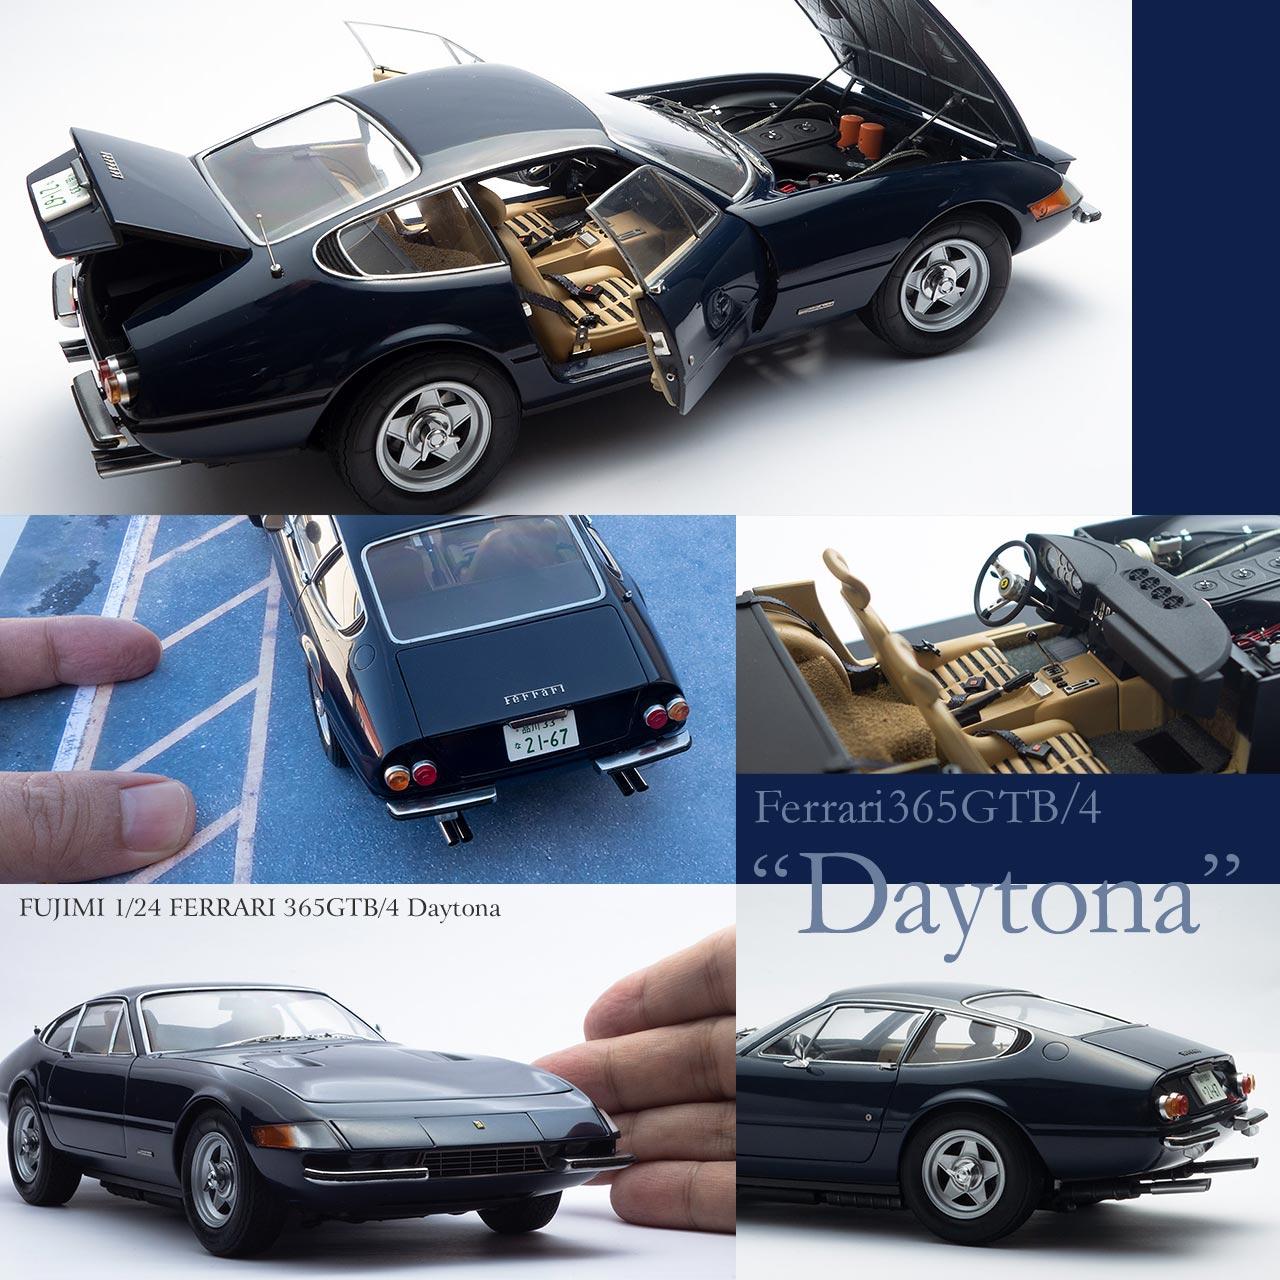 完成品ギャラリー 1/24 FUJIMI Ferrari365GTB/4 フジミ・フェラーリ365GTB/4 デイトナ